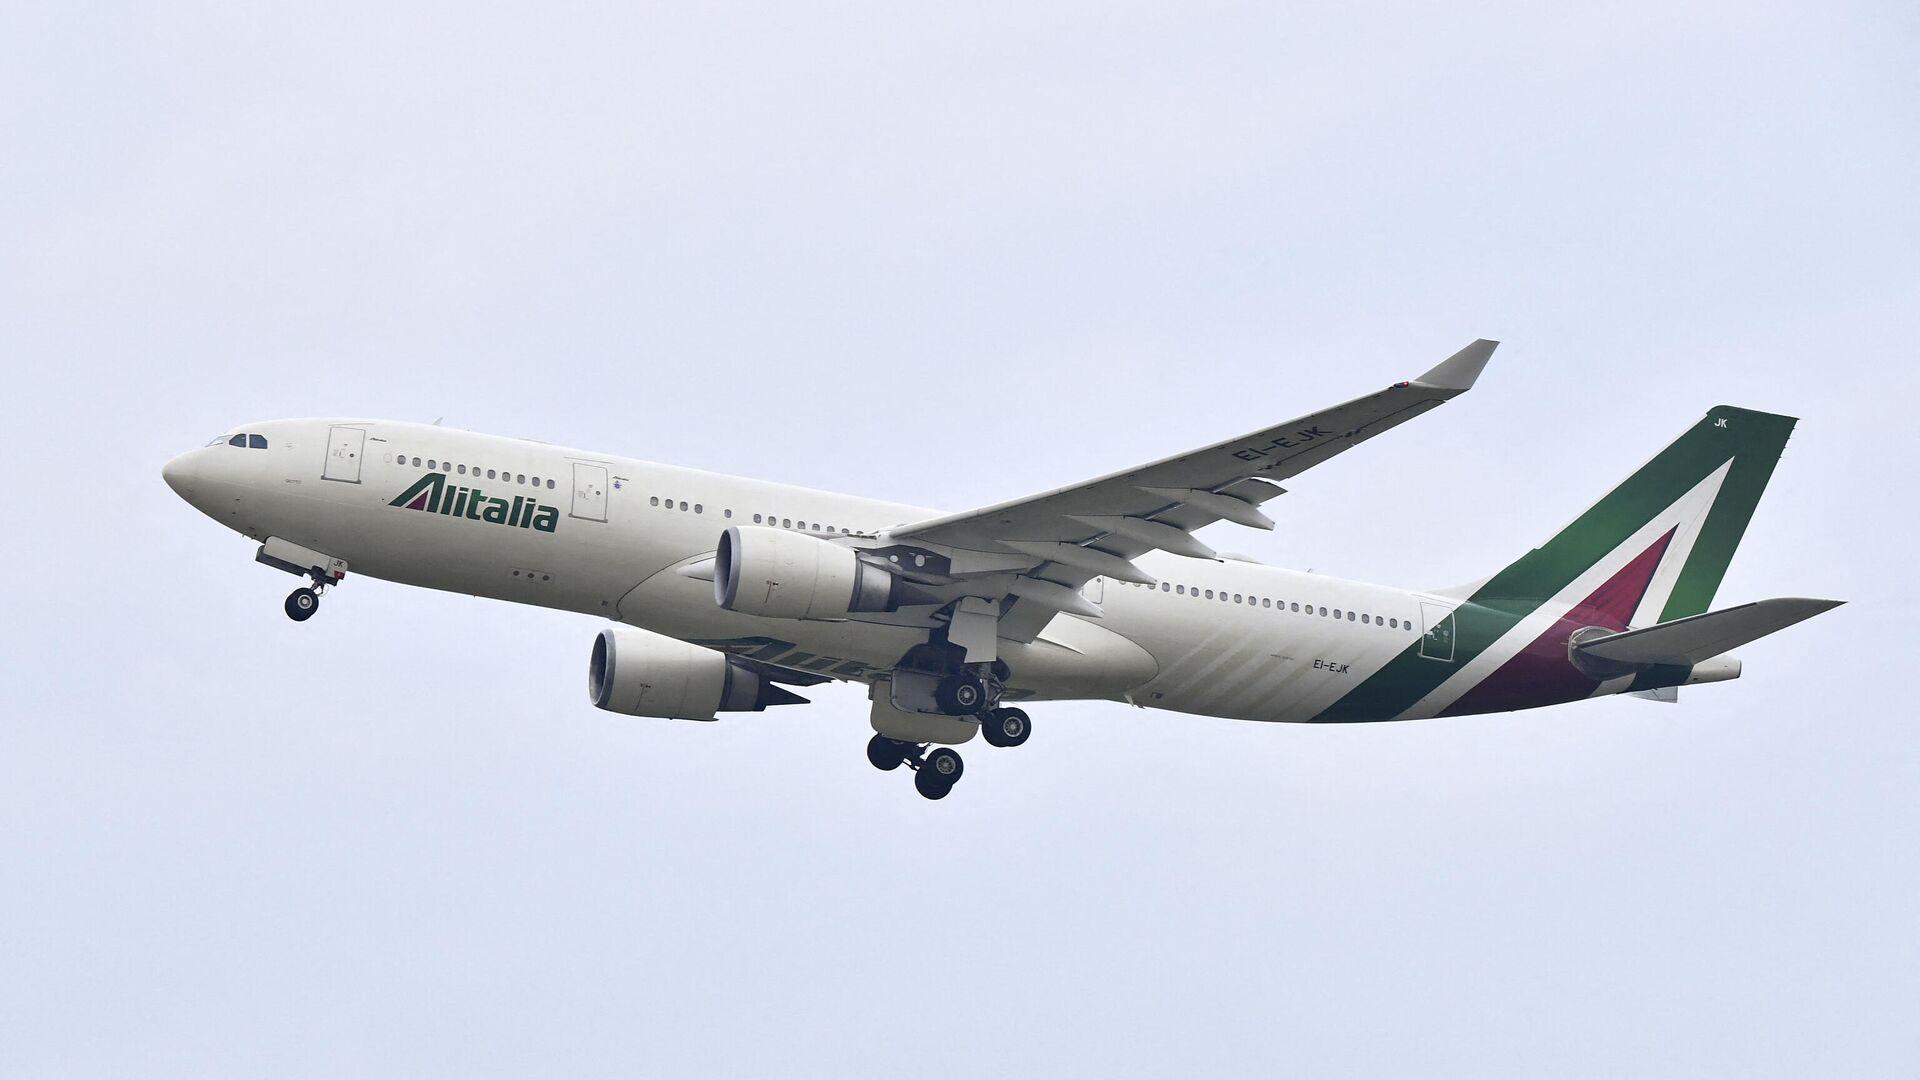 Das Alitalia-Flugzeug mit Papst Franziskus hebt am 5. März 2021 vom Flughafen Fiumicino in Rom zu seiner Reise in den Irak ab. - SNA, 1920, 14.10.2021